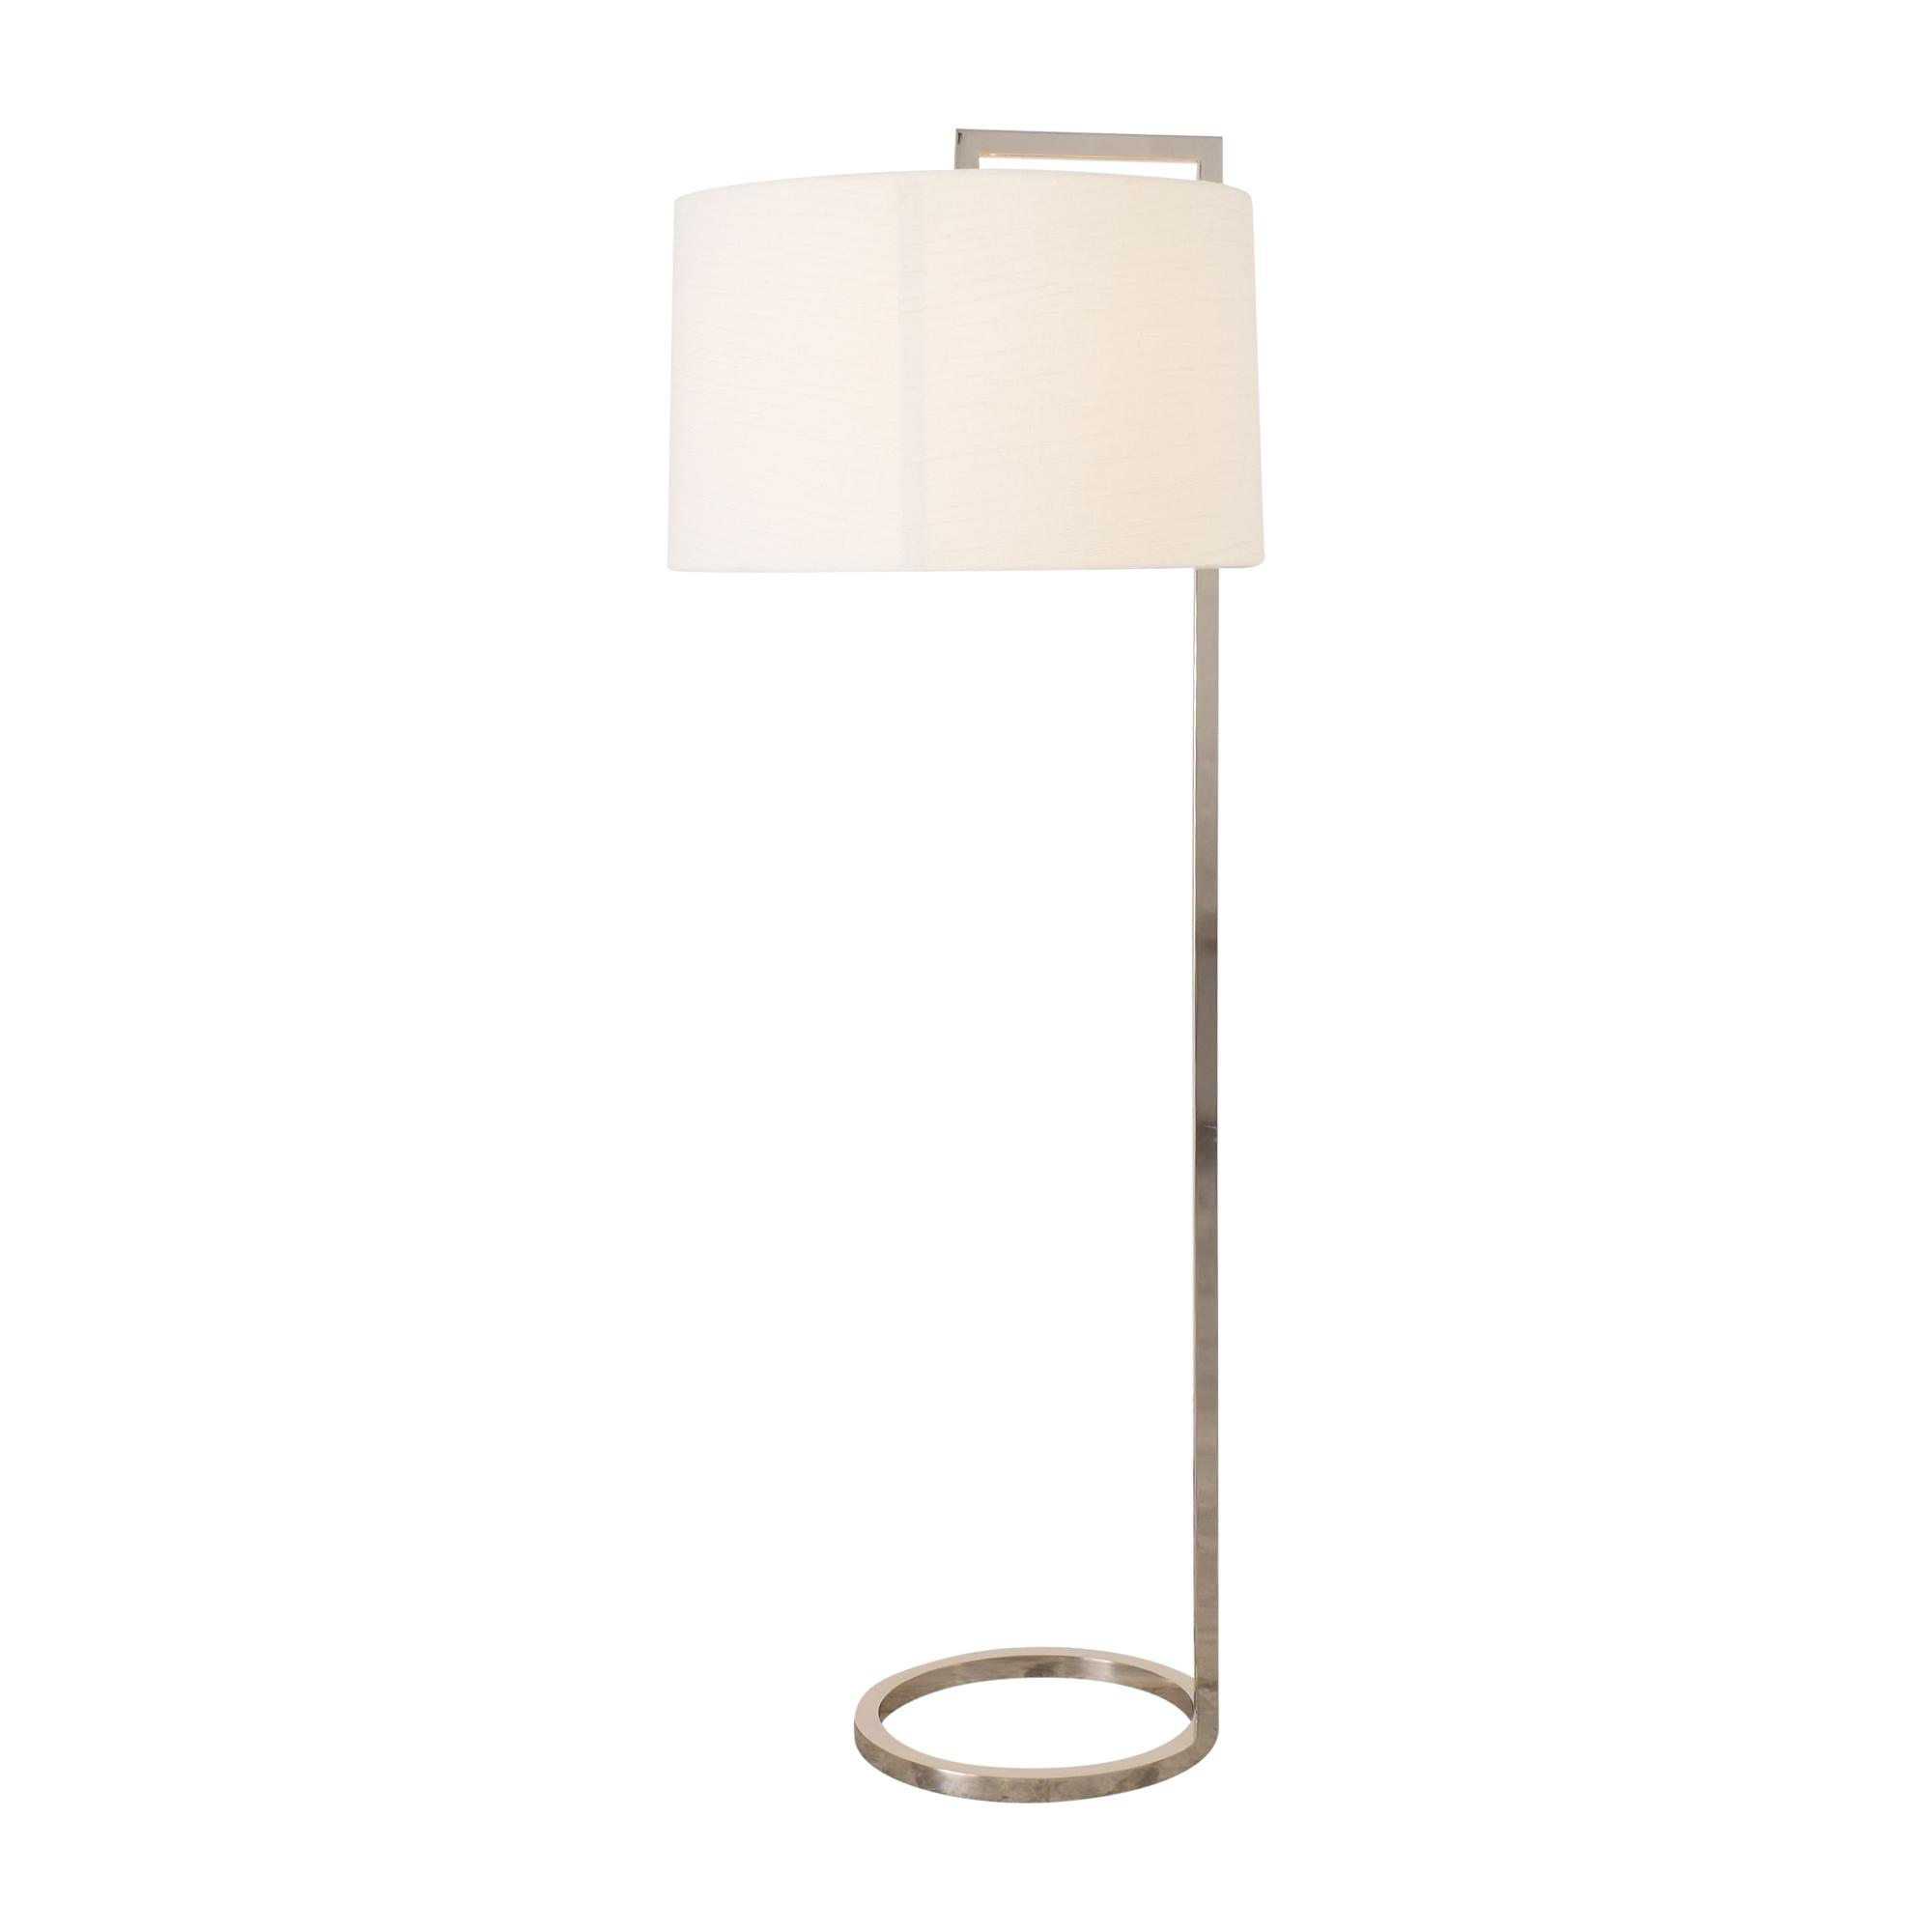 Arteriors Arteriors Belden Floor Lamp coupon